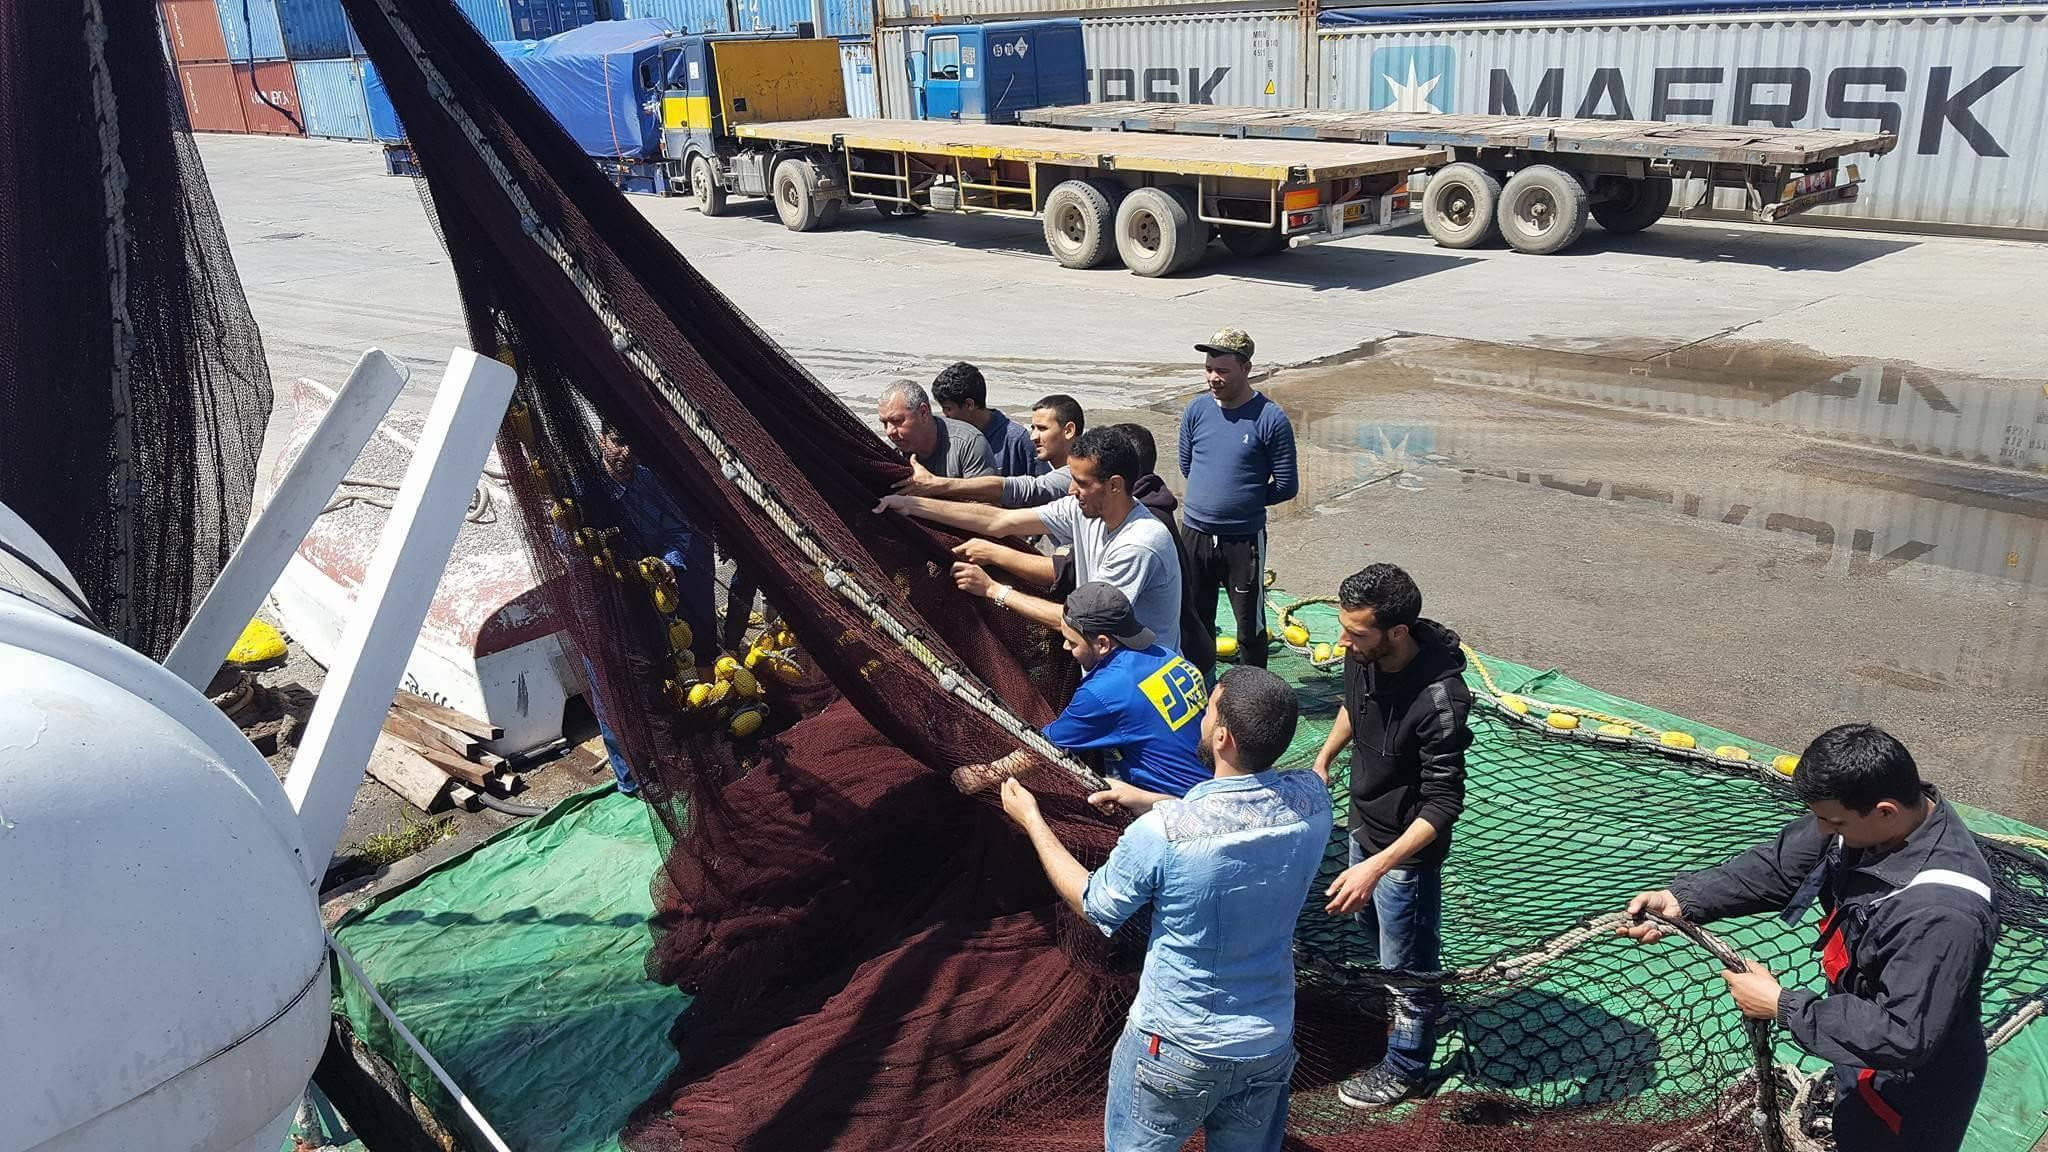 تربص تطبيقي لعملية الصيد على متن سفينة المعهد بن زازة